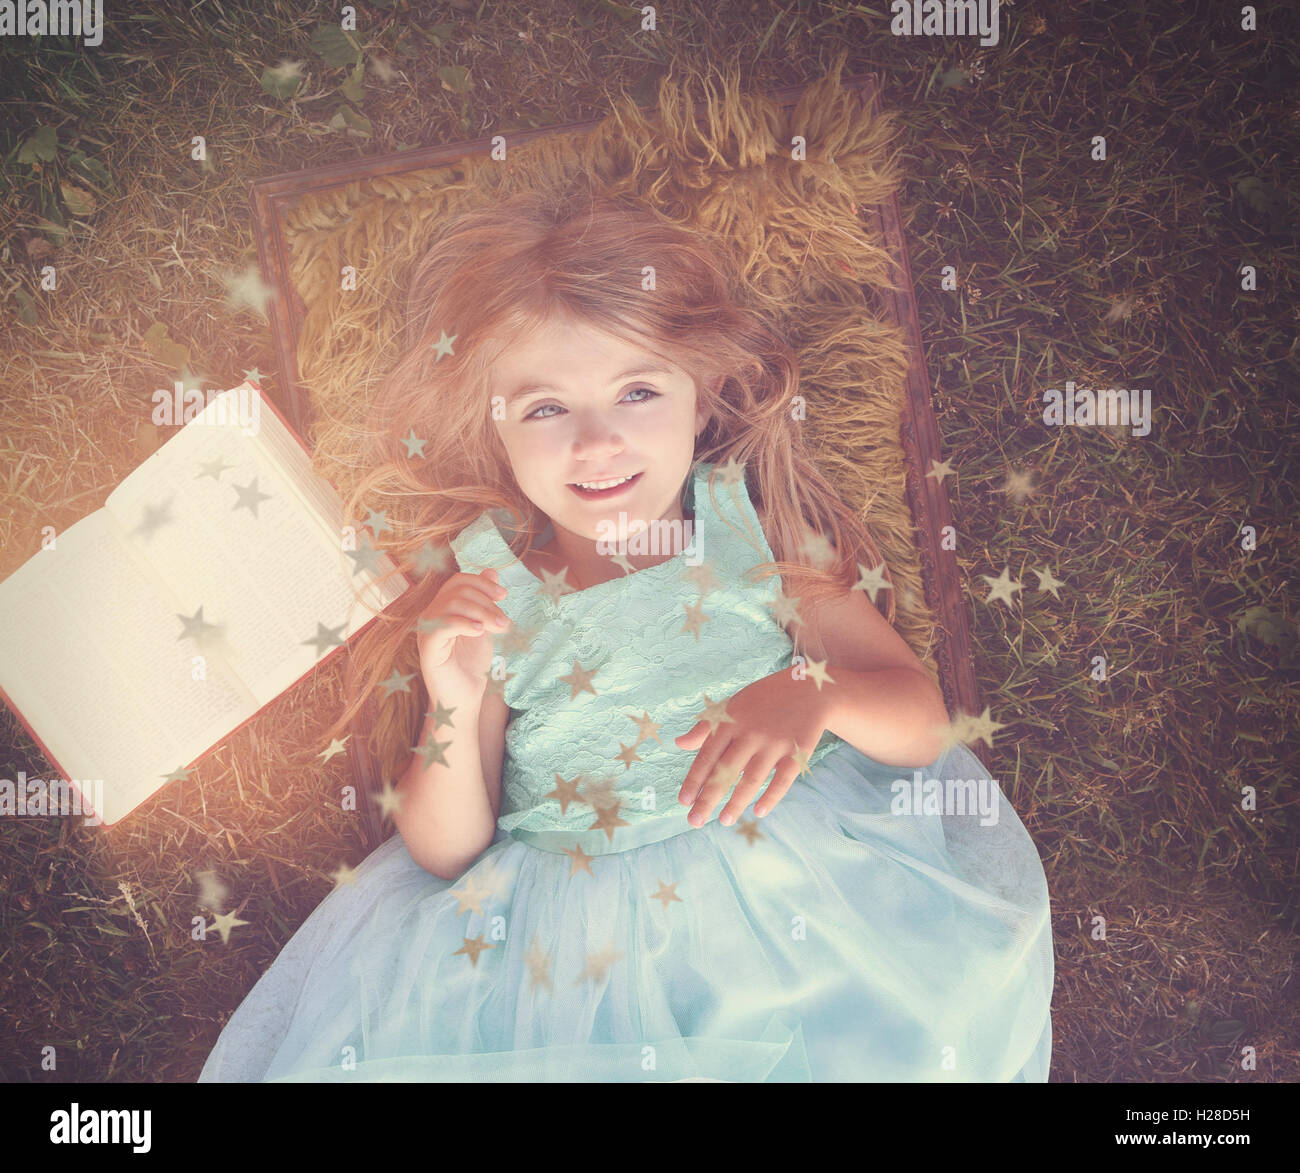 Un felice e graziosa fanciulla si posa sull'erba al di fuori di un libro di storia per un mistero, fantasia o fiaba Foto Stock